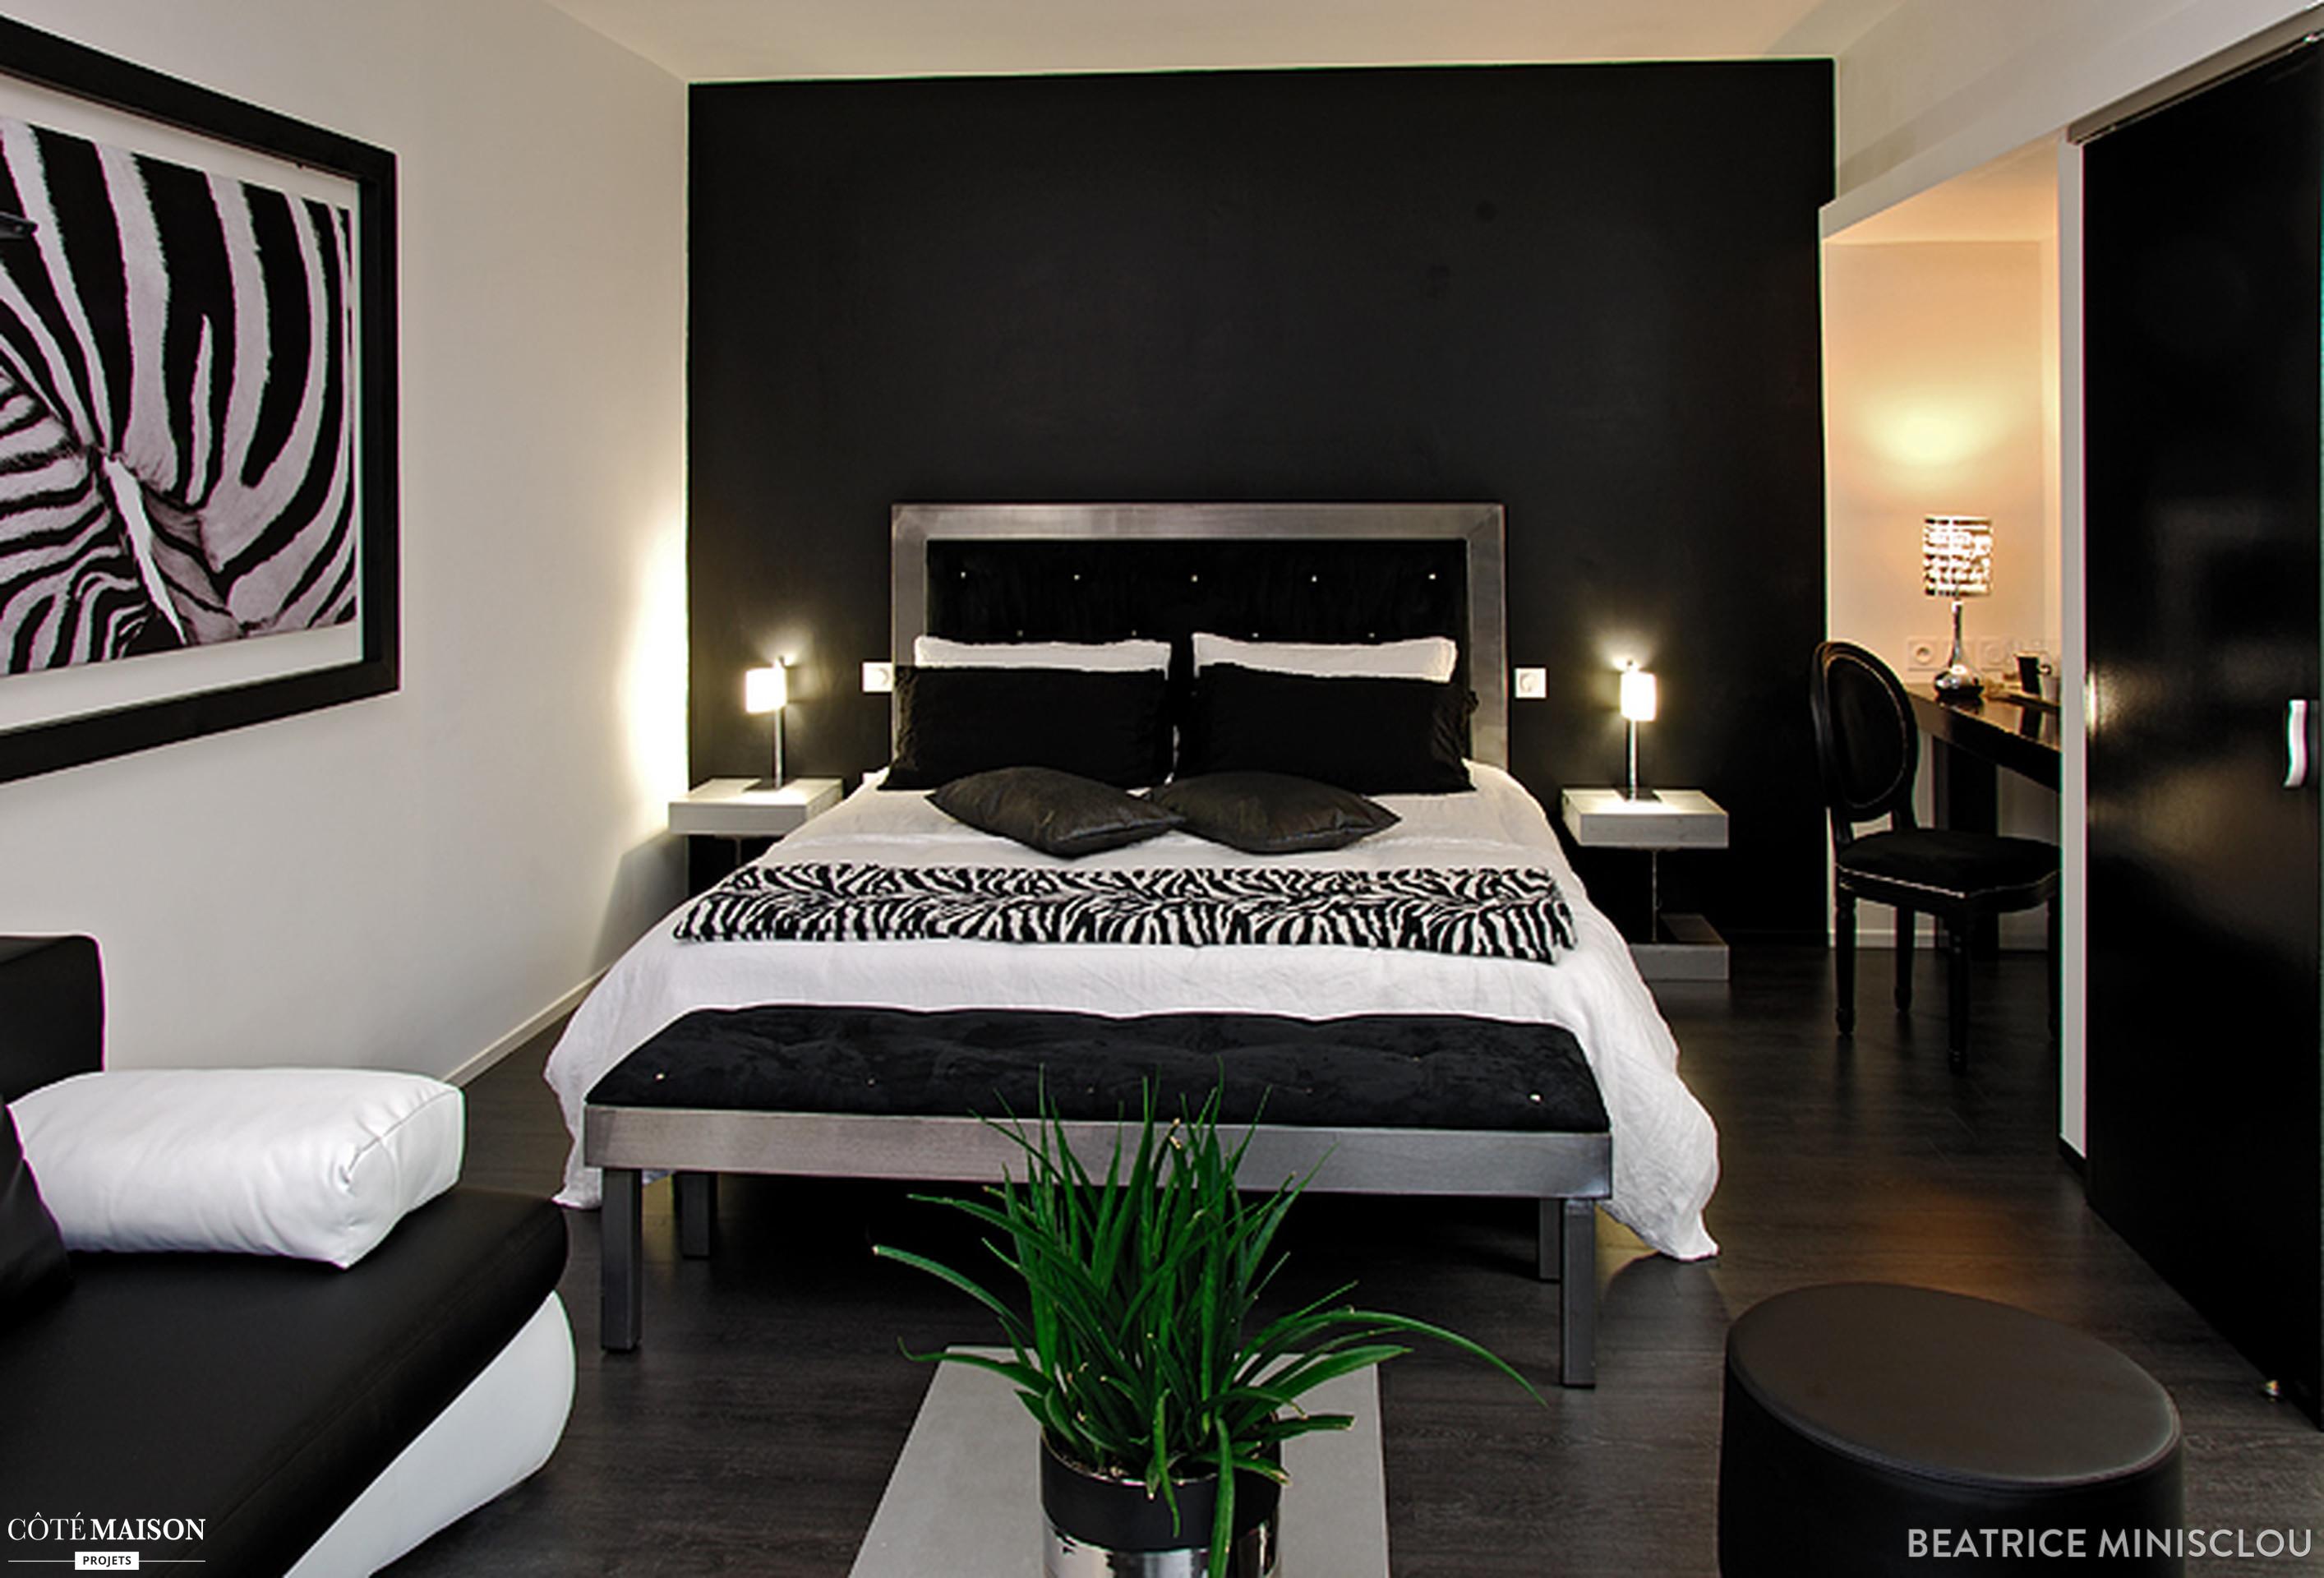 Deco peinture chambre noir et blanc - Idées de travaux